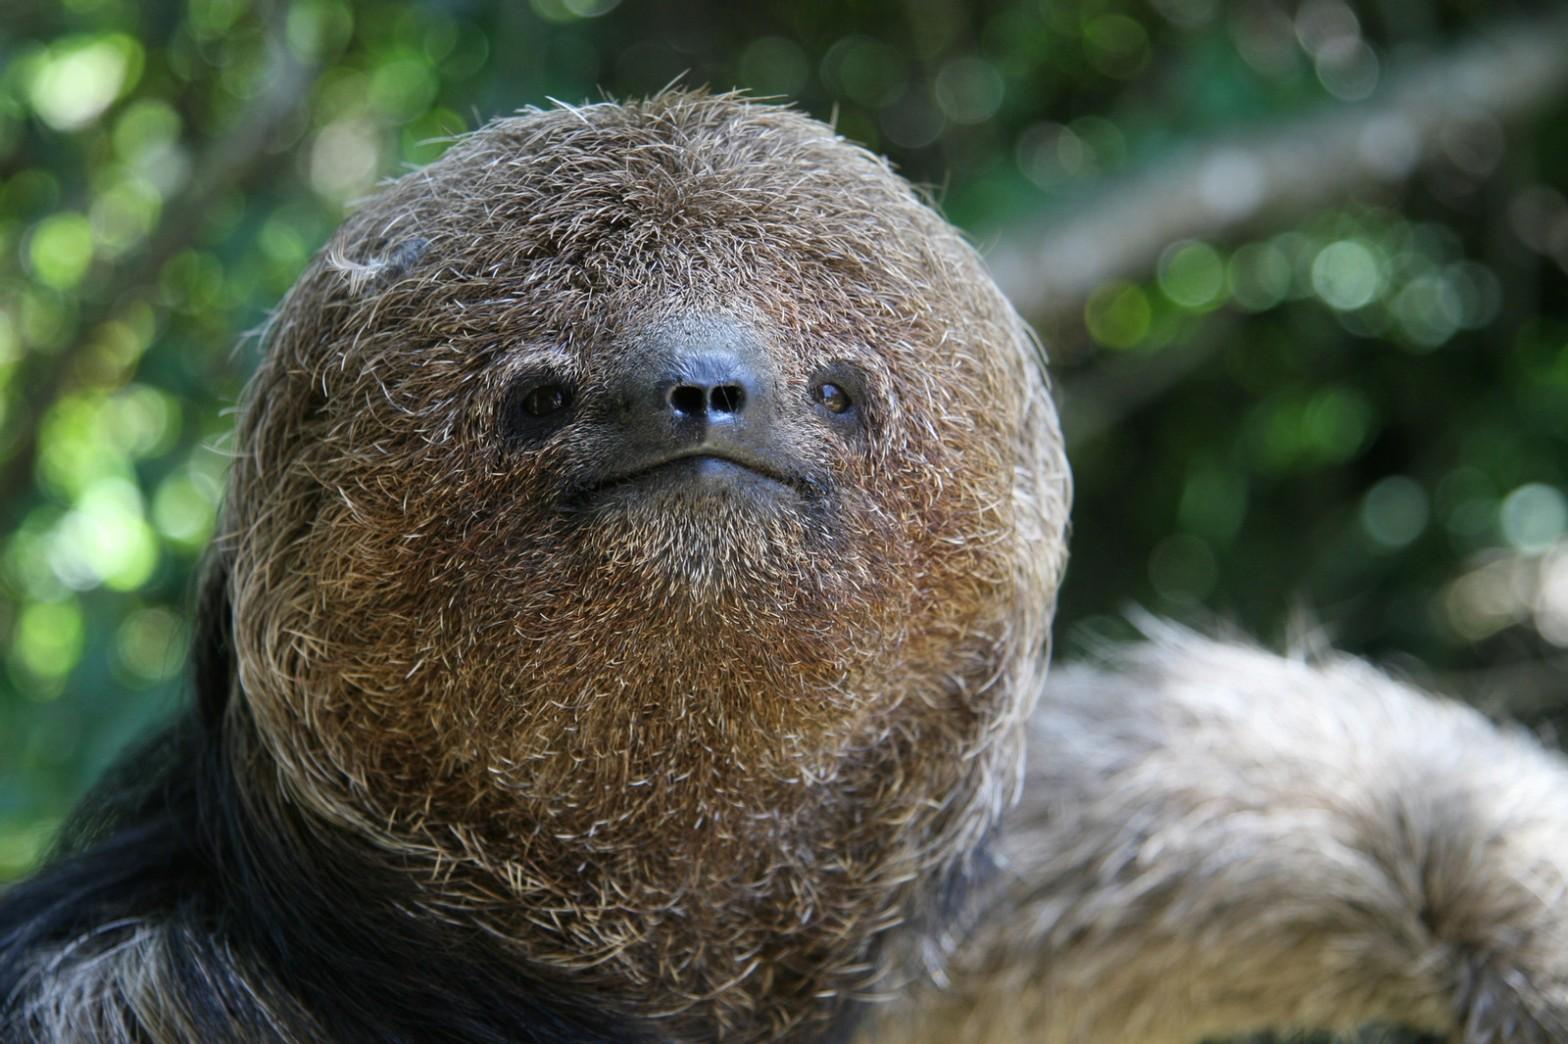 Maned Three-toed Sloth Bradypus torquatus